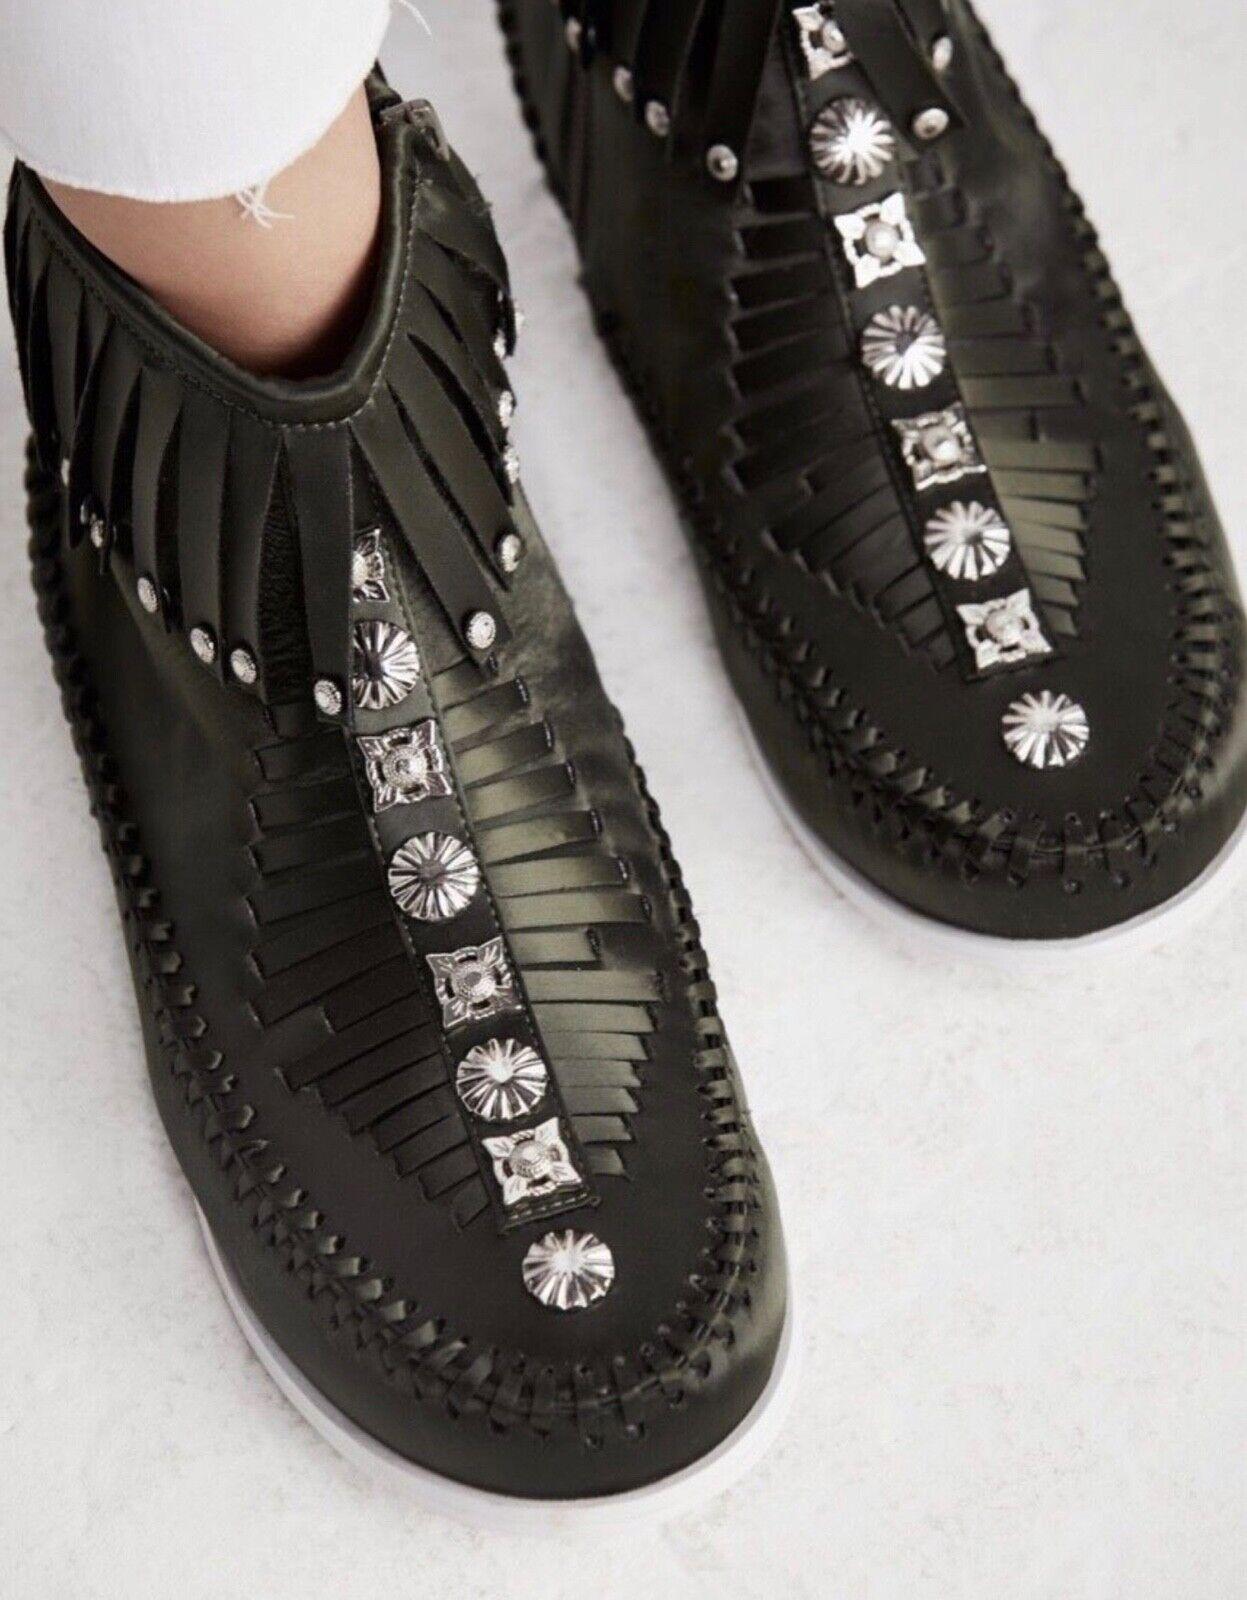 NEW Jeffrey Campbell Encanto Green Fringe Fringe Fringe Stud Mocassin Bootie Sneakers Size 10 39c907